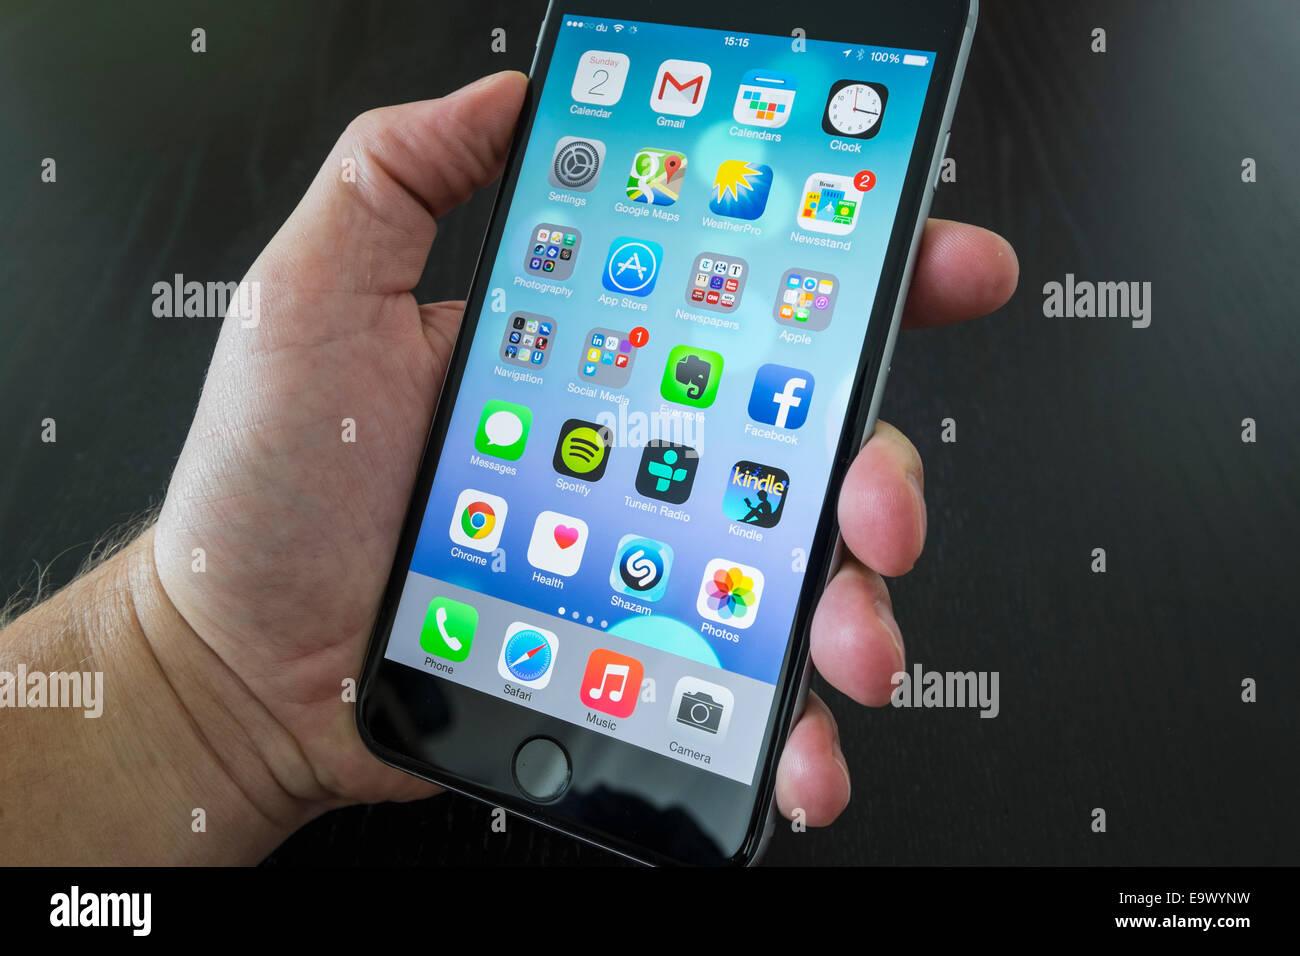 Cerca del hombre utilizando el nuevo iPhone 6 Más teléfonos inteligentes. Imagen De Stock